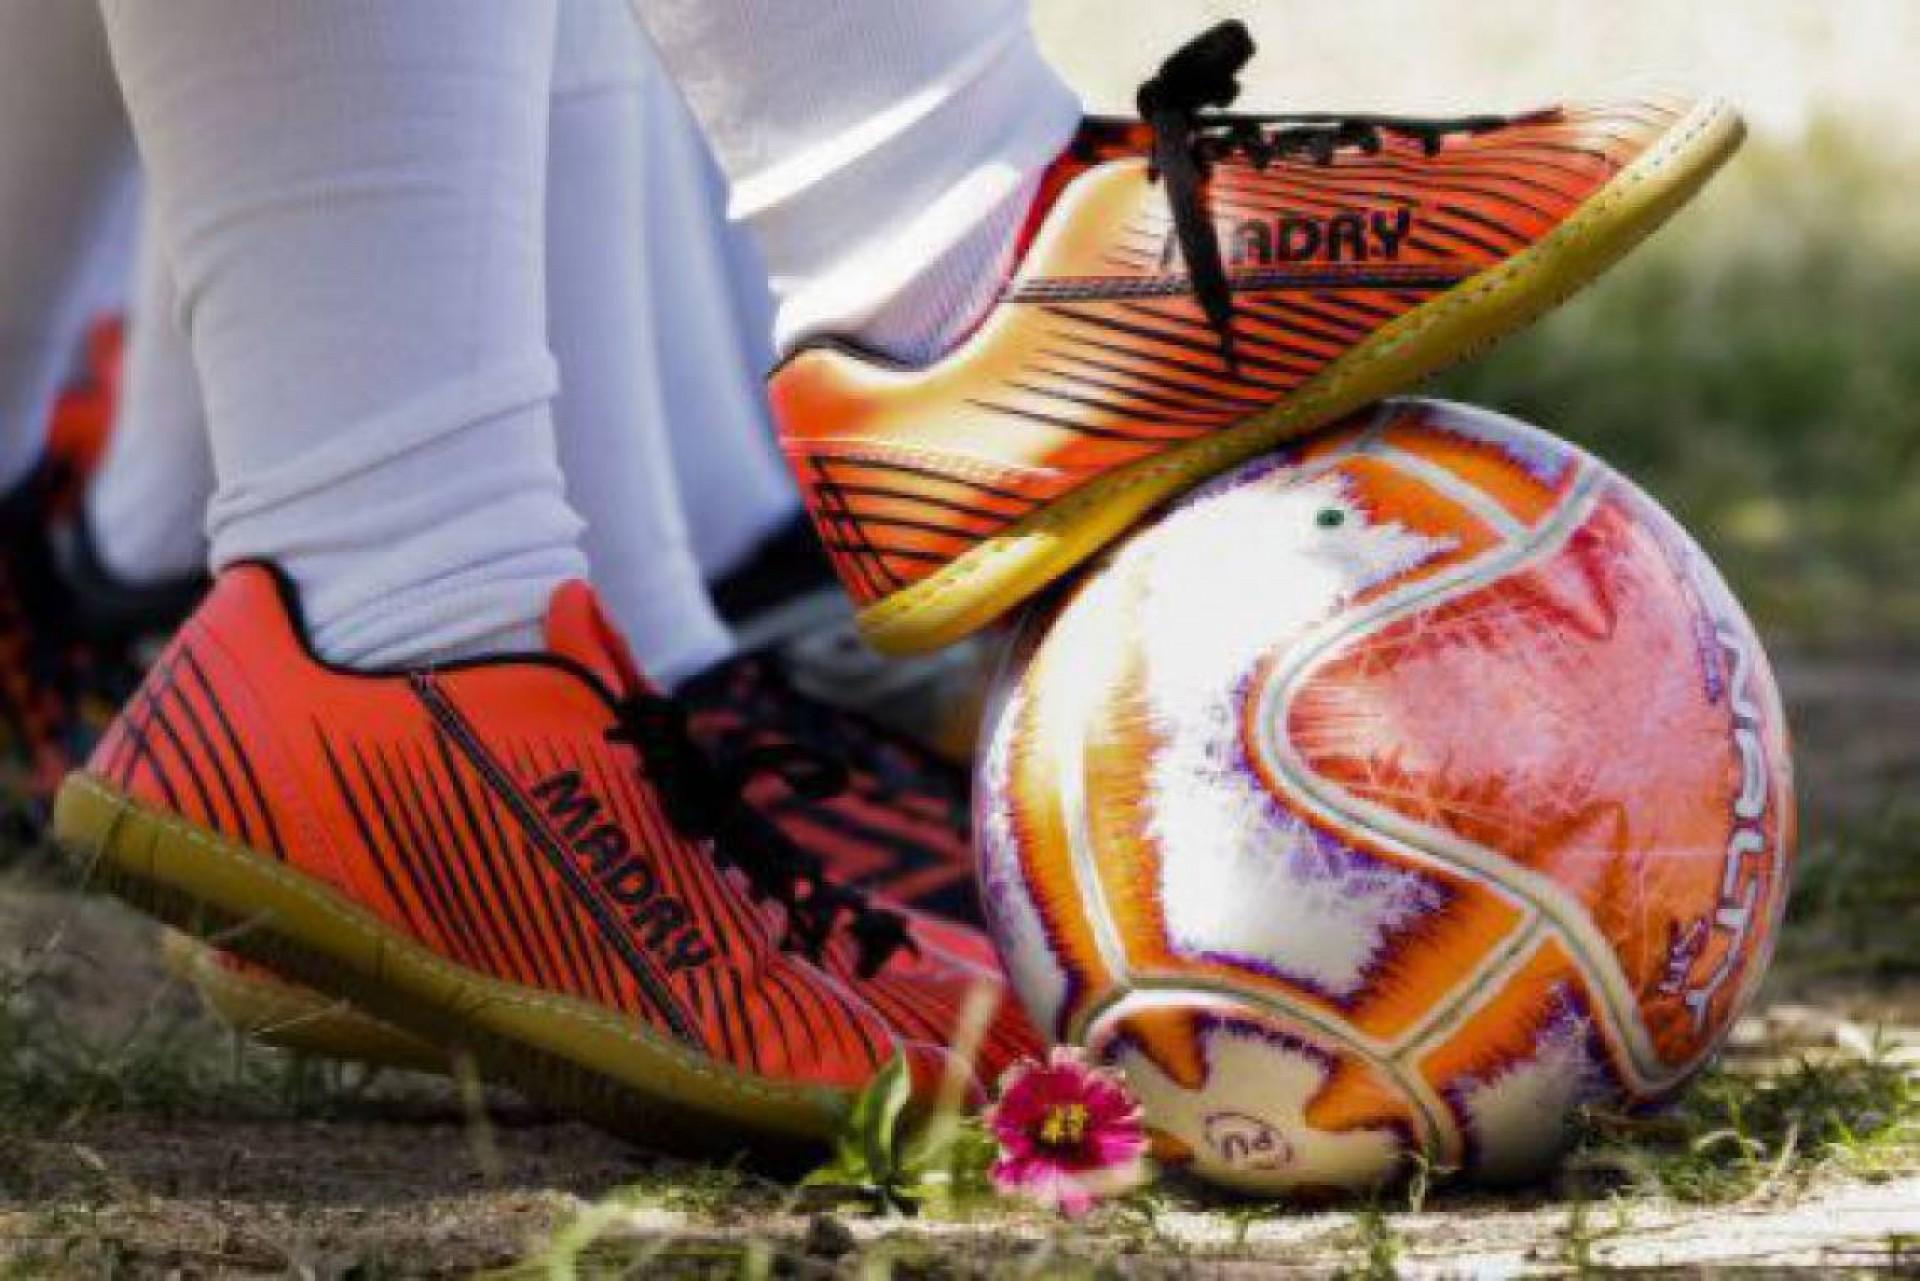 Confira Os Jogos De Futebol Na Tv Hoje Sabado 29 De Agosto 29 08 Futebol Esportes O Povo